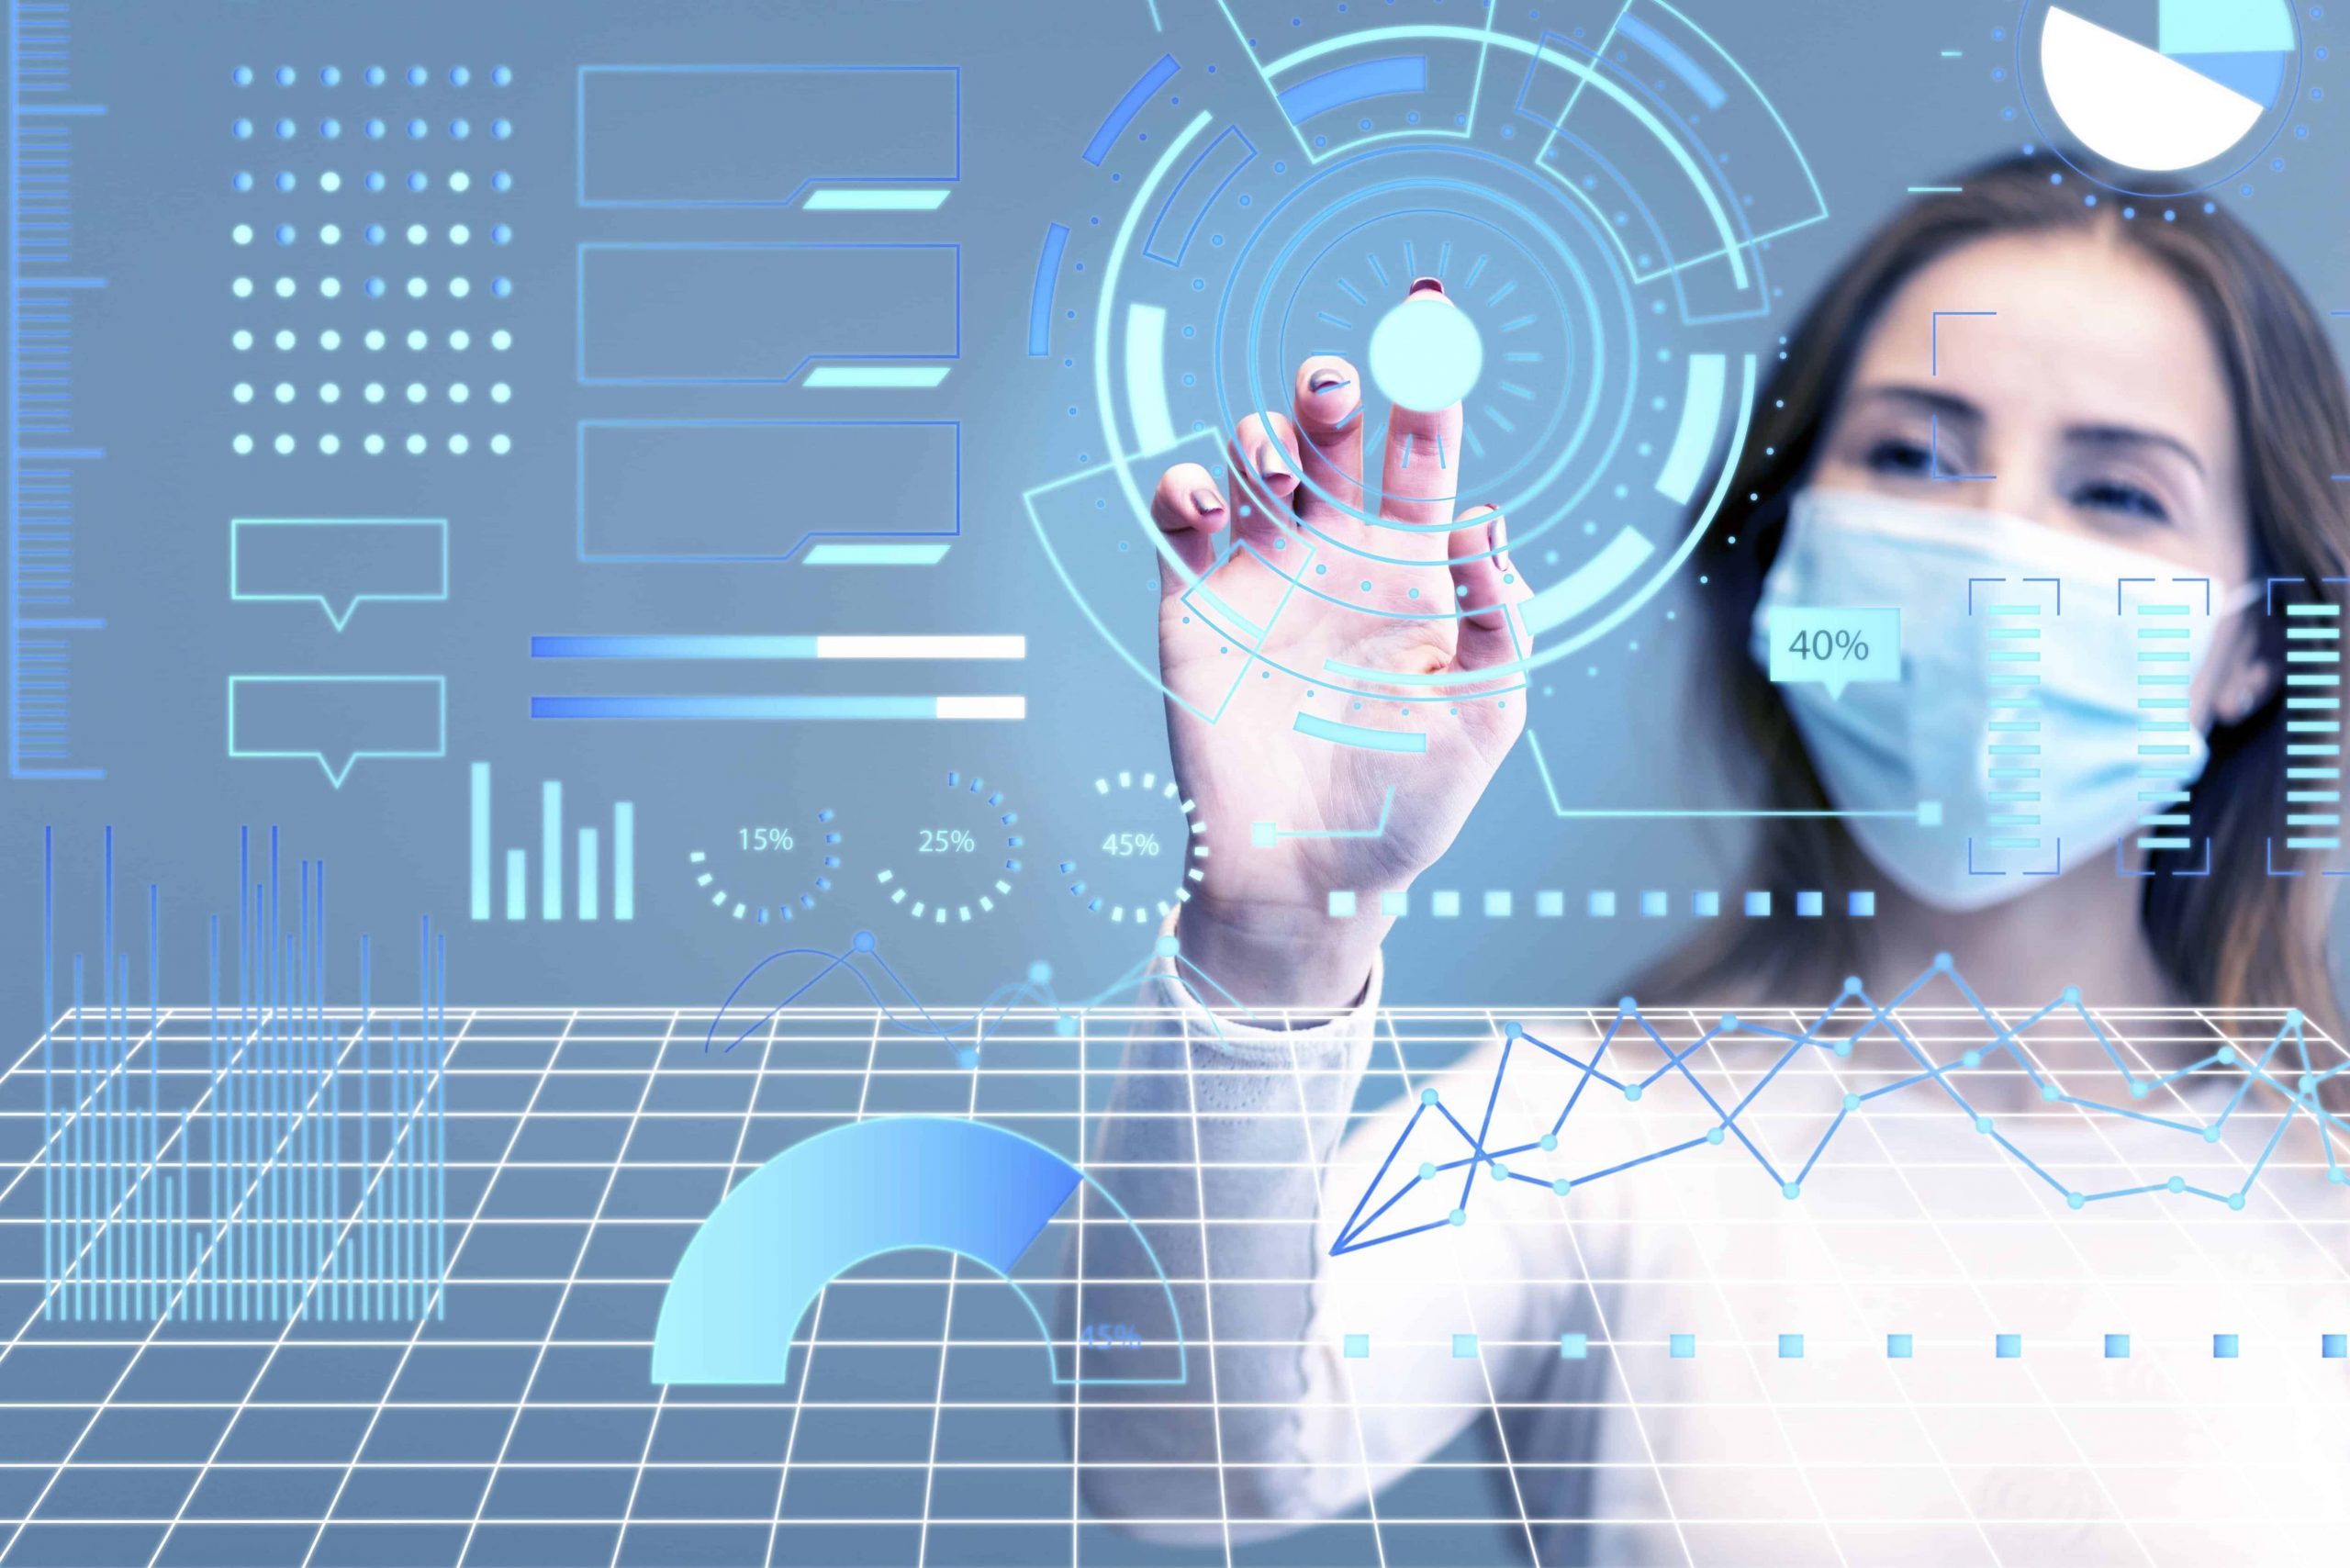 3622508 scaled - 5 Tendencias en tecnologías digitales para 2021